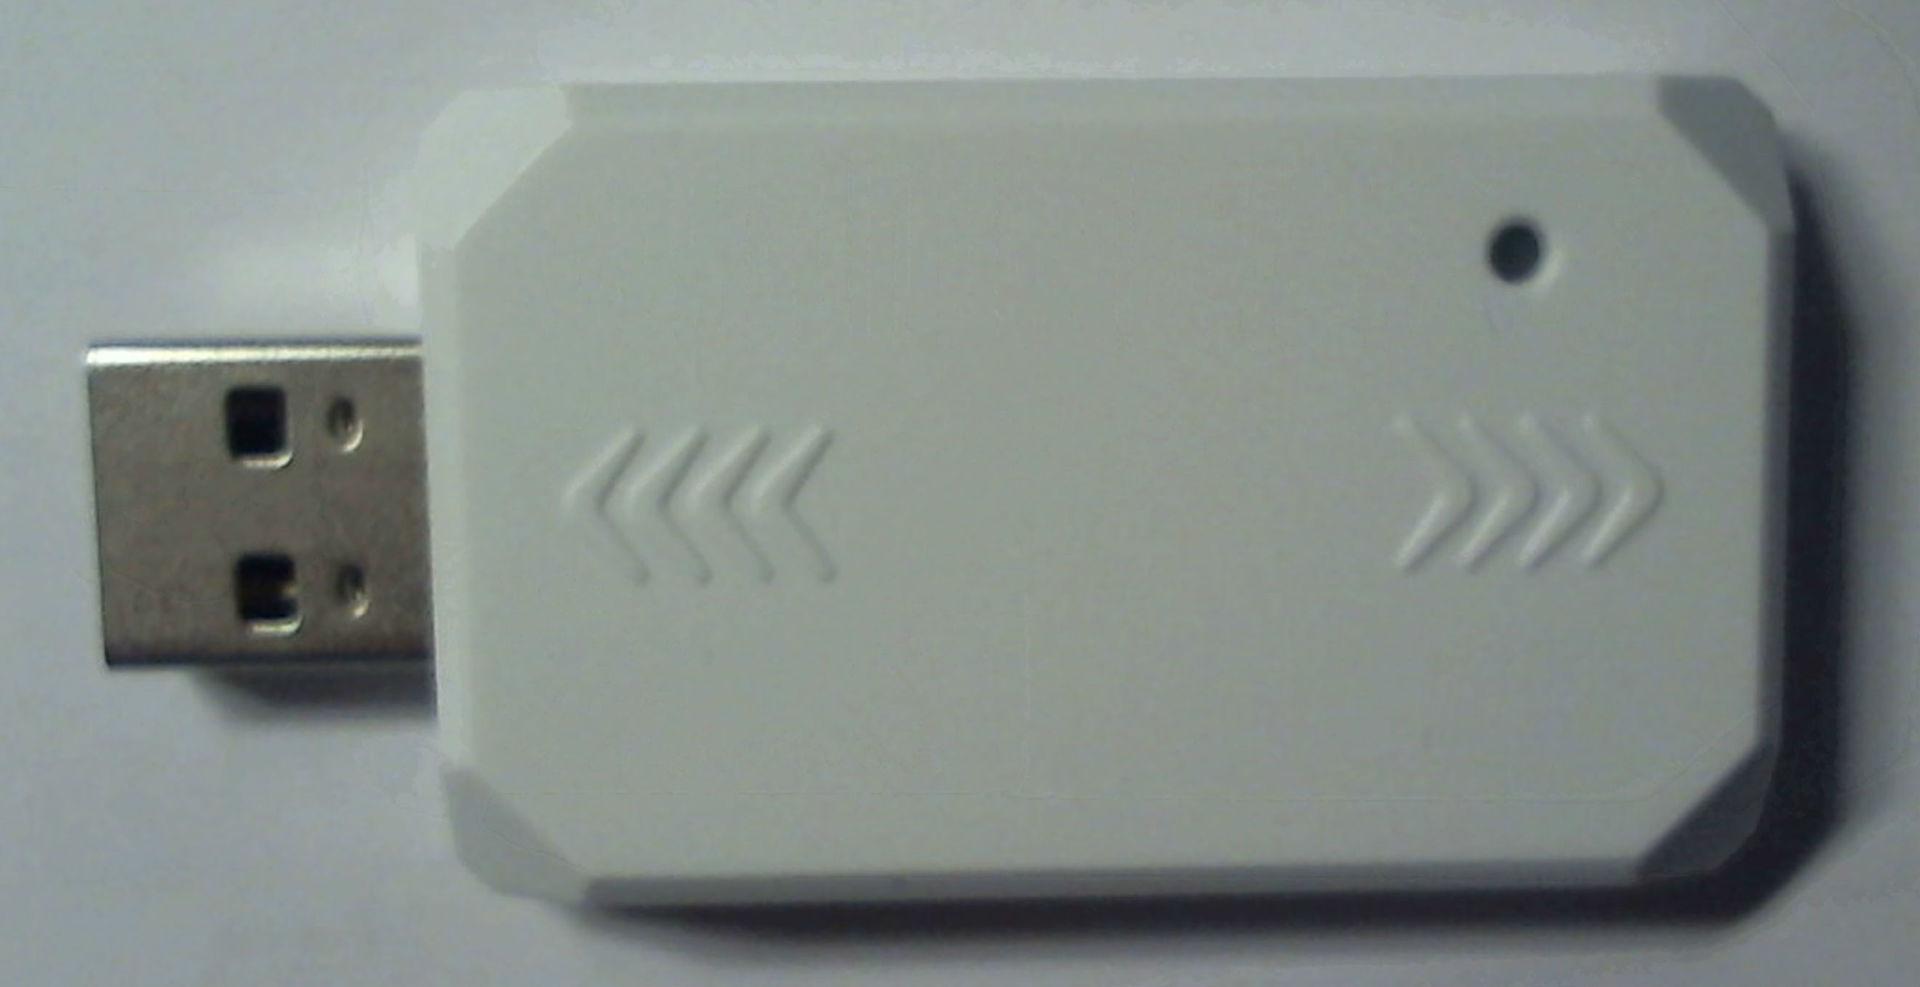 Внешний вид родного модуля WiFi Haier